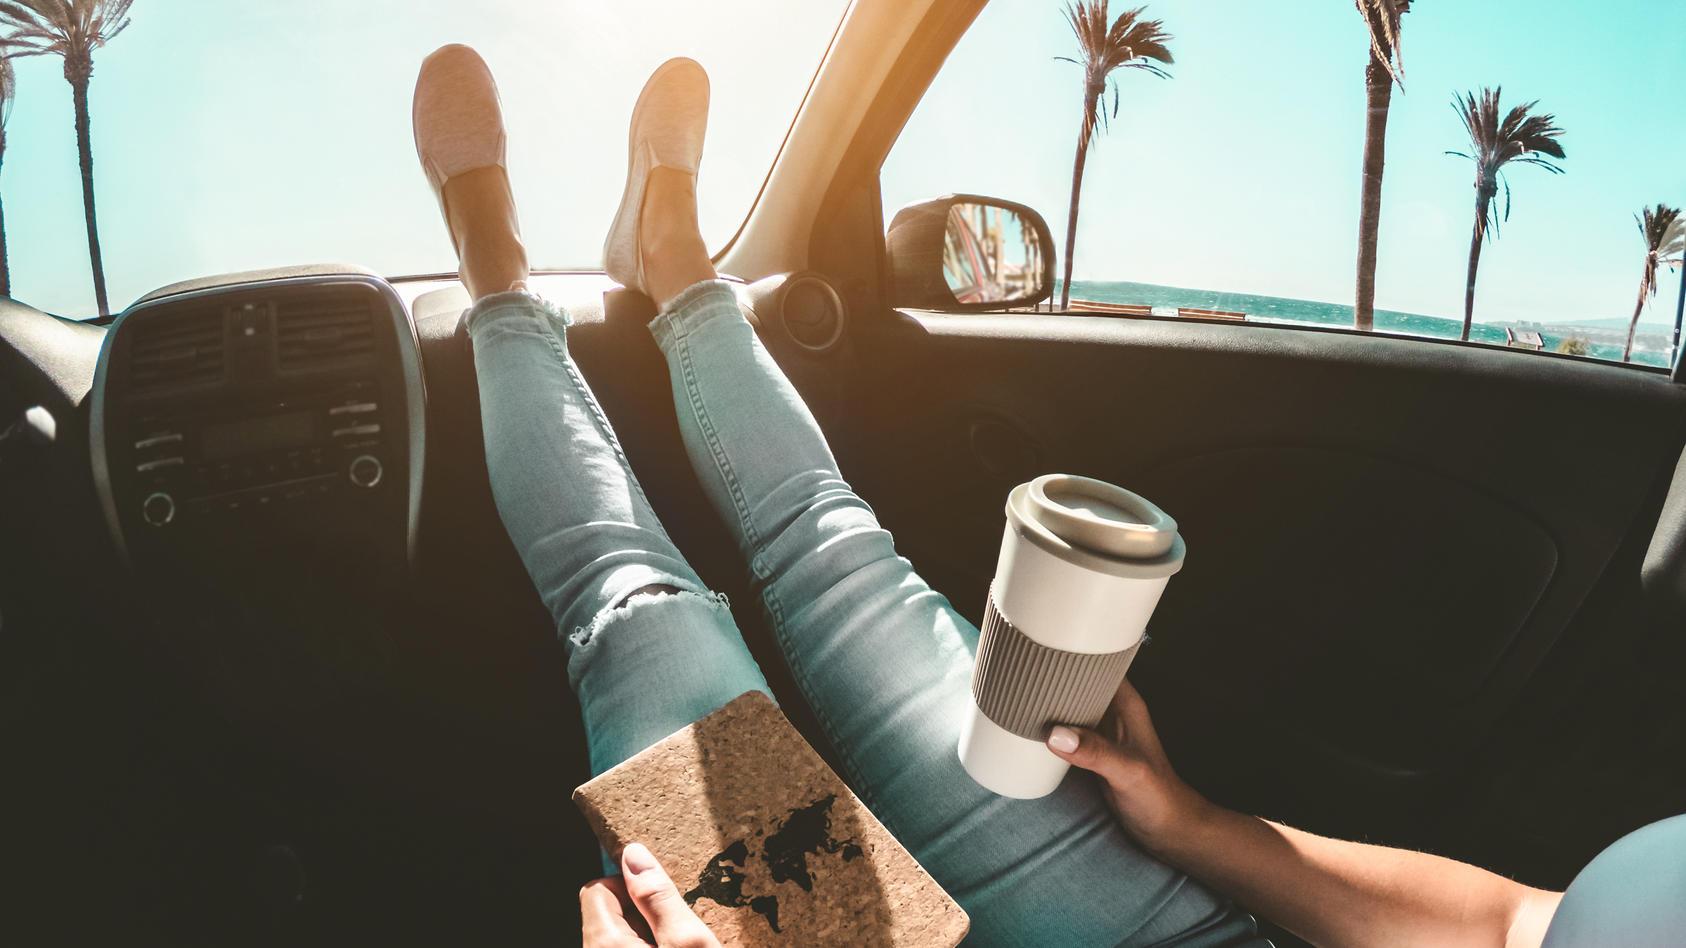 Füße niemals aufs Armaturenbrett im Auto legen!